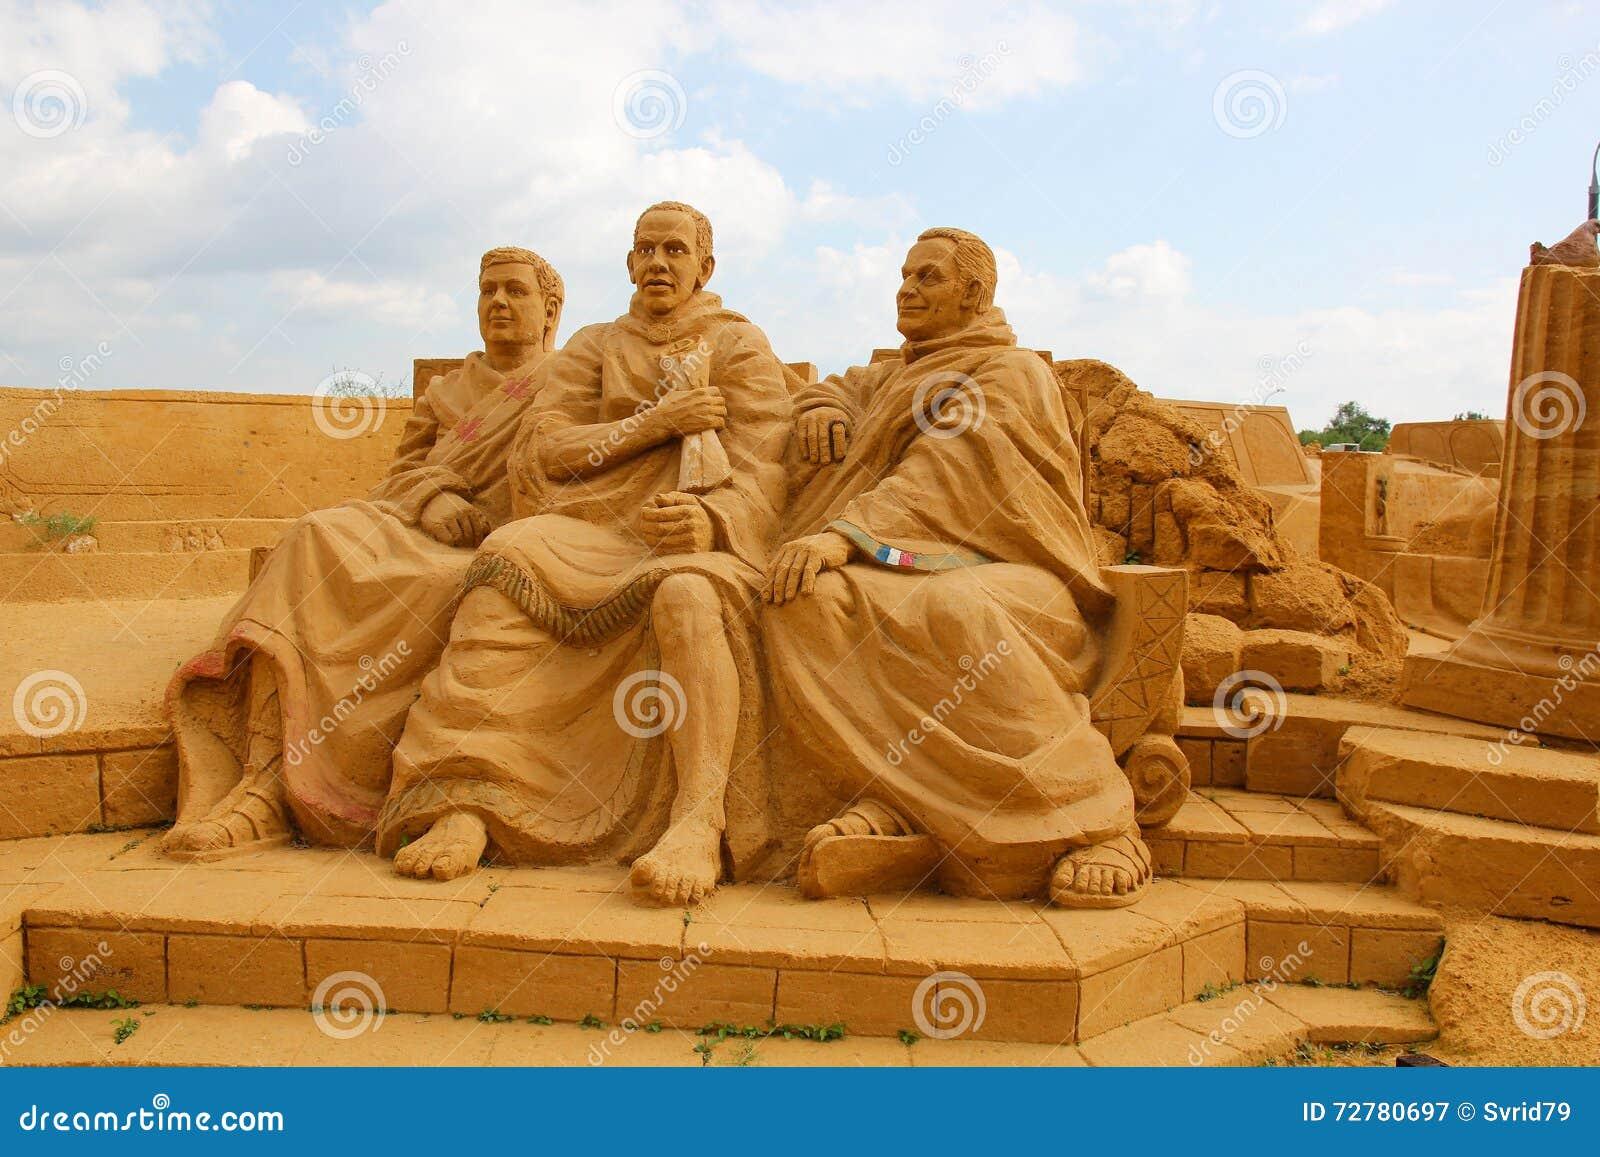 Ausstellung von Sandskulpturen Römischer Senat